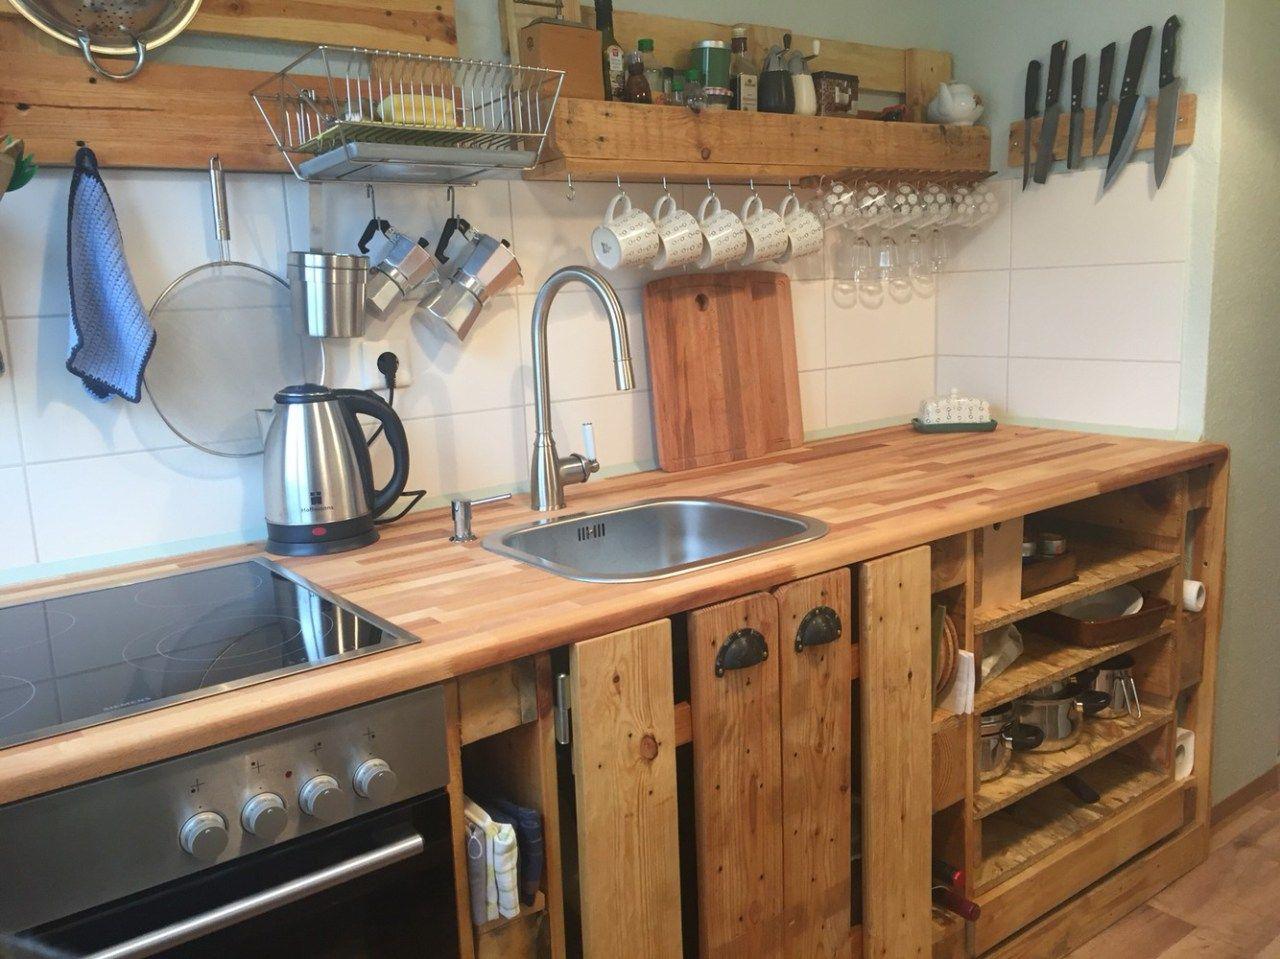 Küche selber bauen aus paletten  100+ Ideas Make Your Kitchen Awesome With Pallet   Pinterest   Küche ...